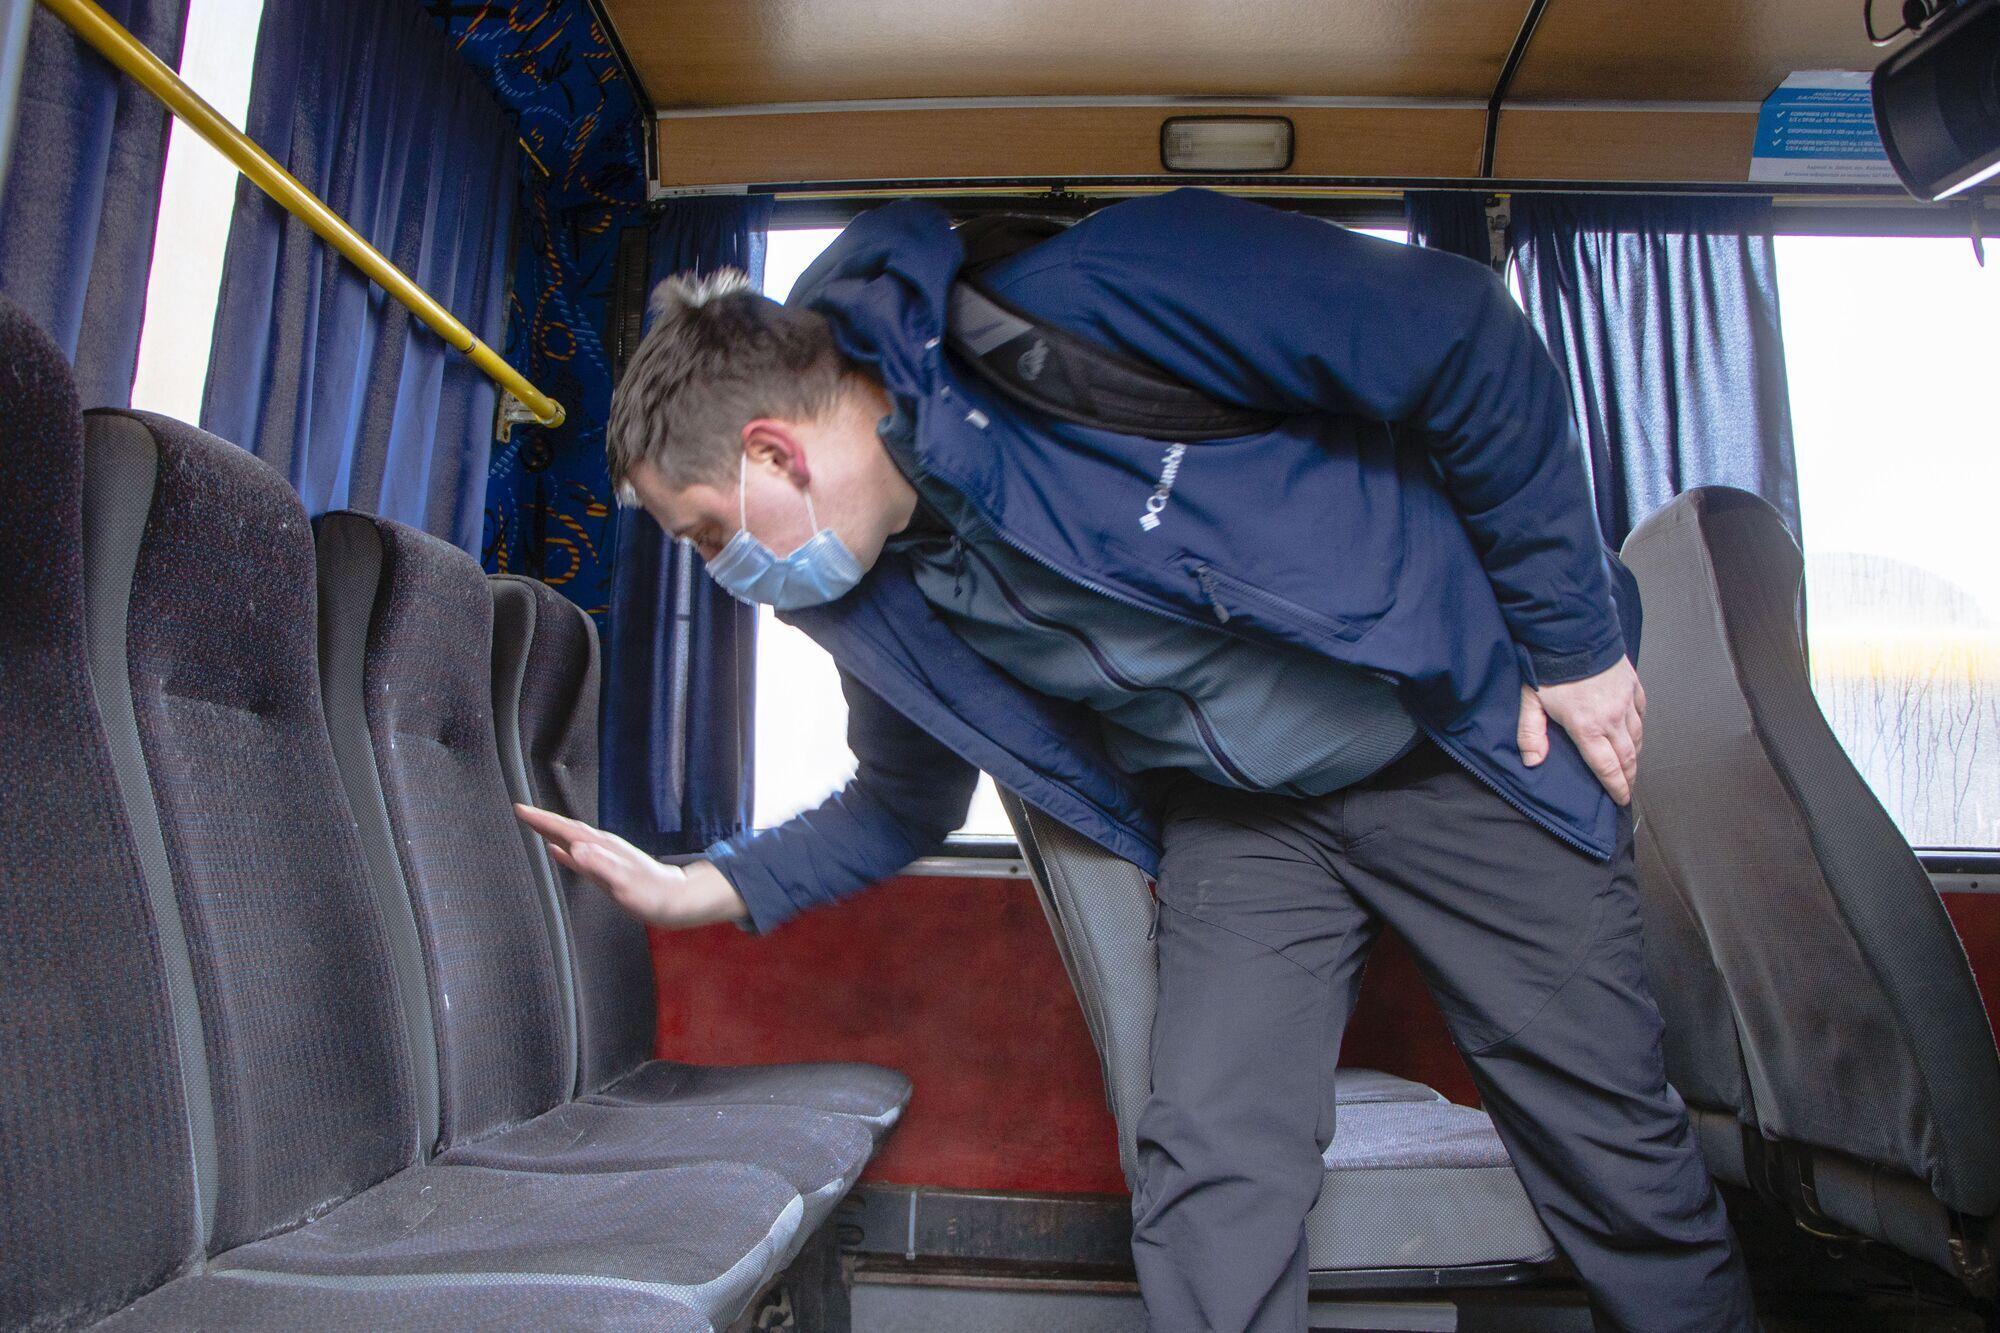 Транспортные средства осматривают на техническую исправность и соблюдение санитарных норм